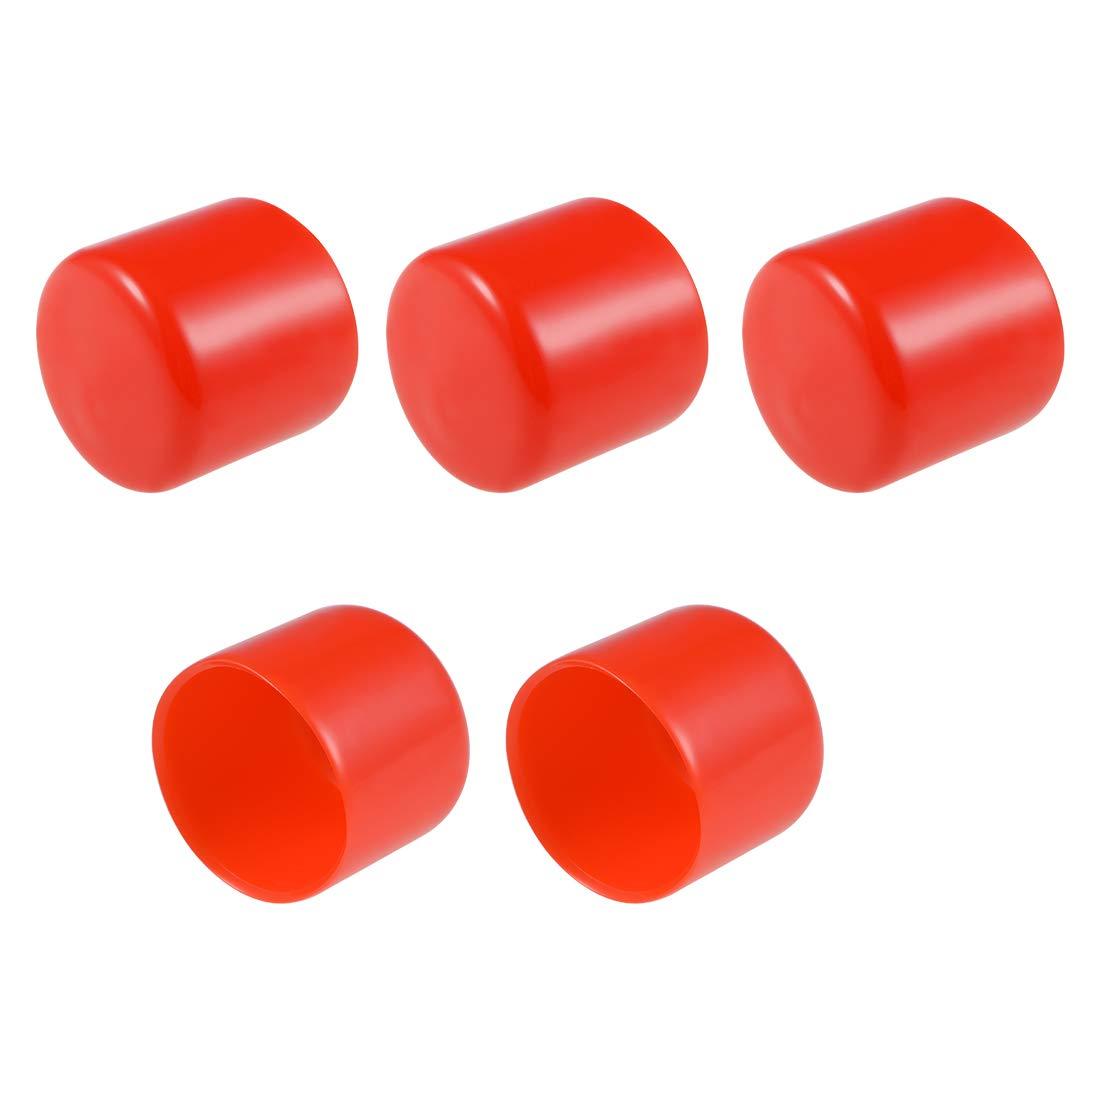 Cubierta de tapa de extremo redondo de 35mm de ID sourcing map Protector de rosca de tornillo Tapas de tubo rojo 5 uds